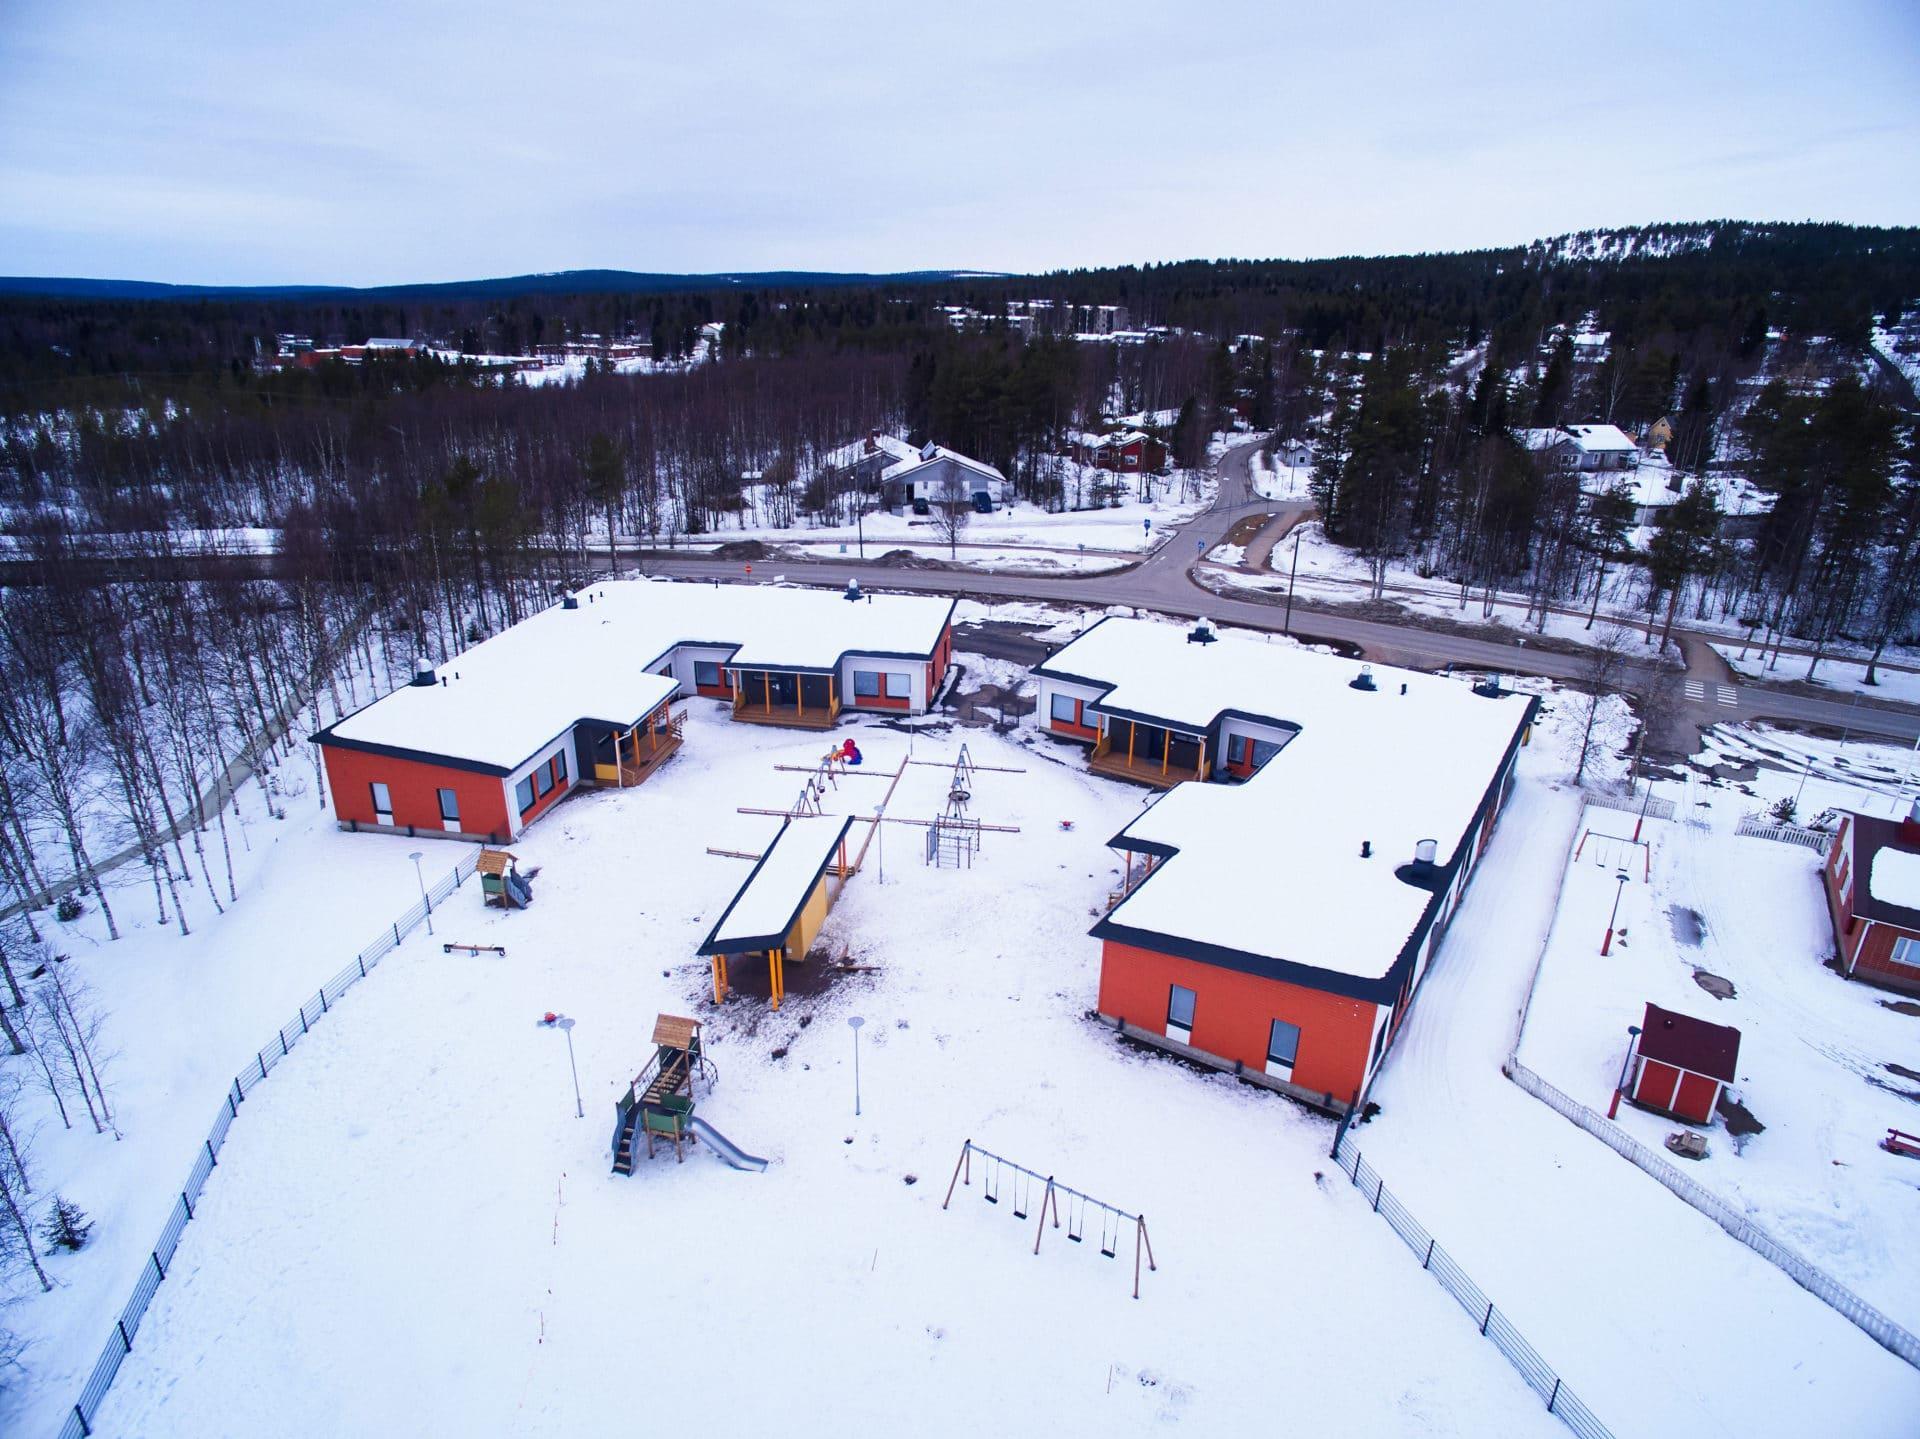 Hoivatilat Päiväkoyi, Rovaniemi